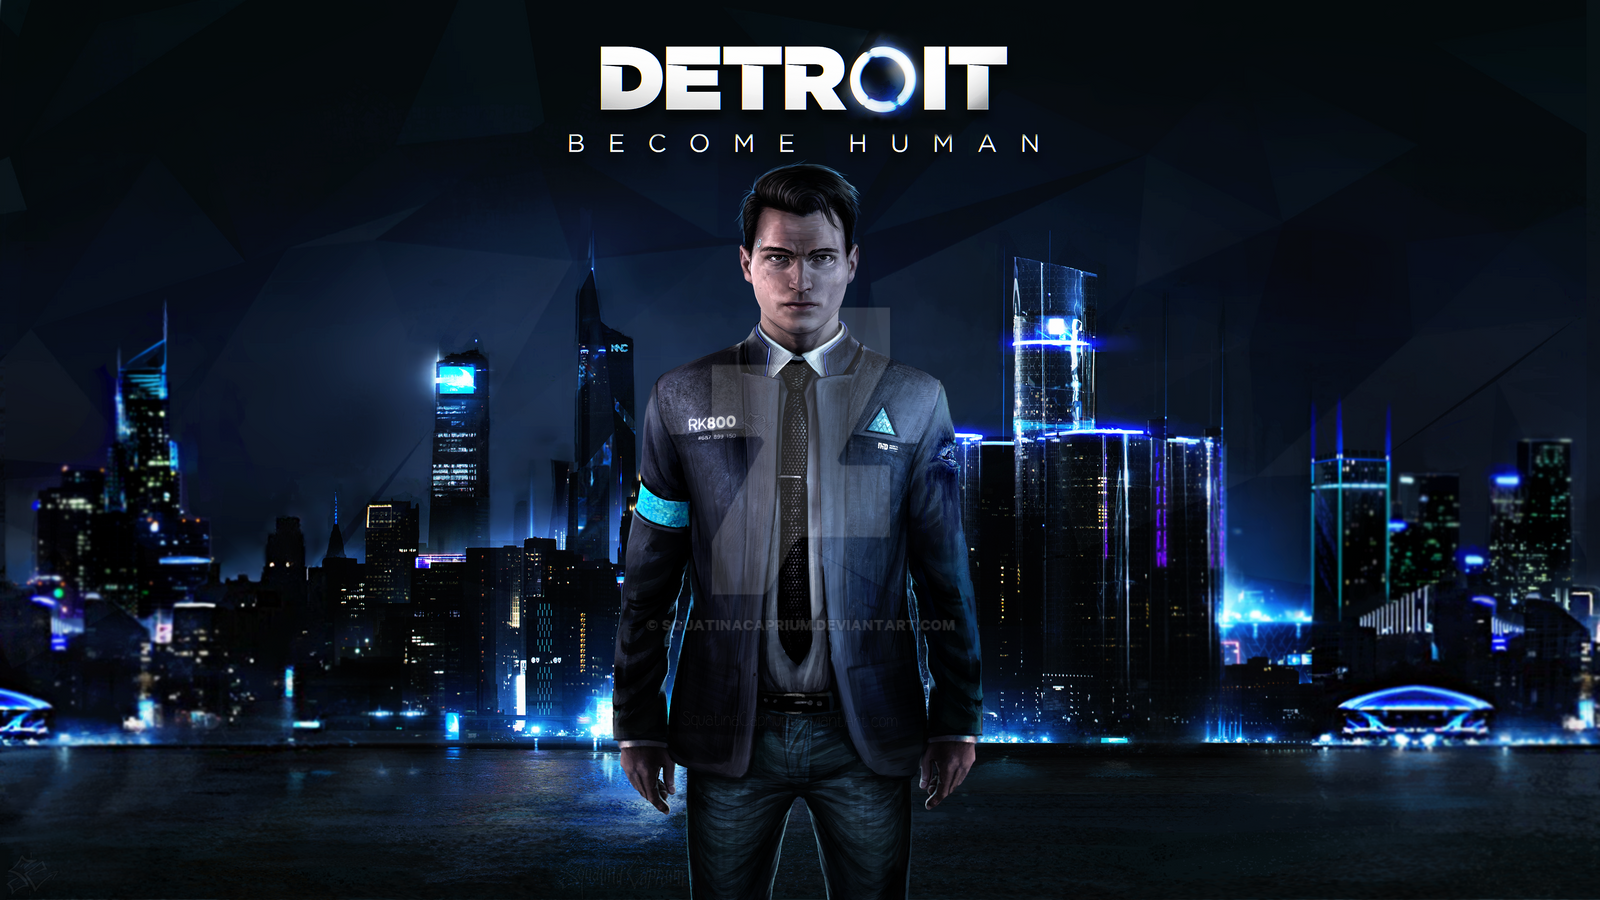 Detroit Become Human Wallpaper Connor: Detroit Become Human__Connor_Wallpaper Engine By